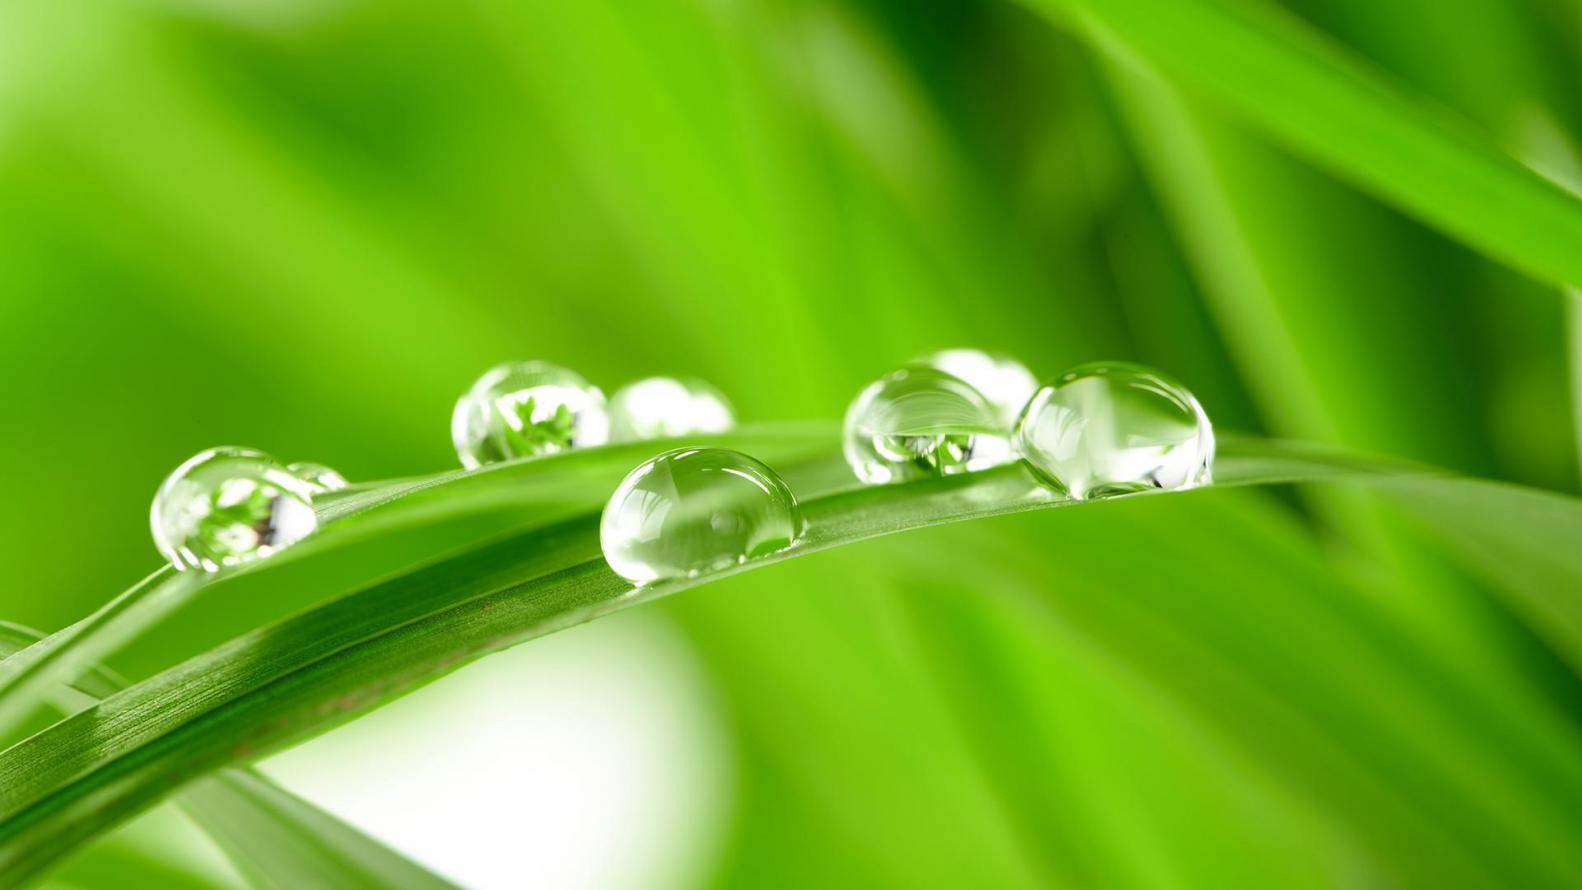 Menos burocracia e mais eficiência: Modernização do licenciamento é tema de apresentação na Semana do Meio Ambiente